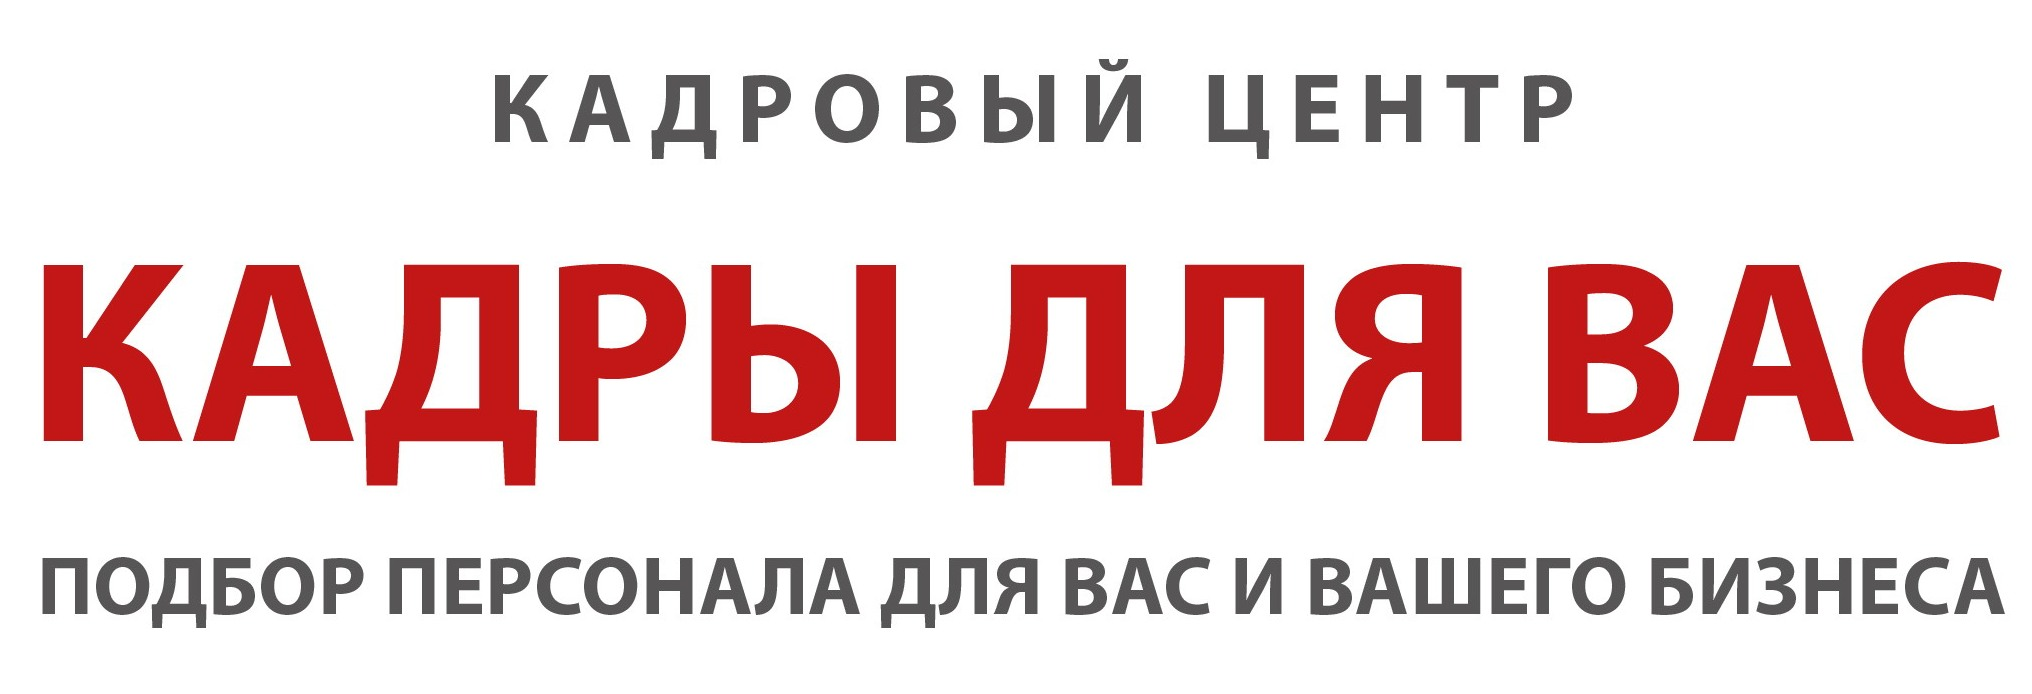 Вакансия Менеджер по региональным продажам (продукты) г.Пушкино